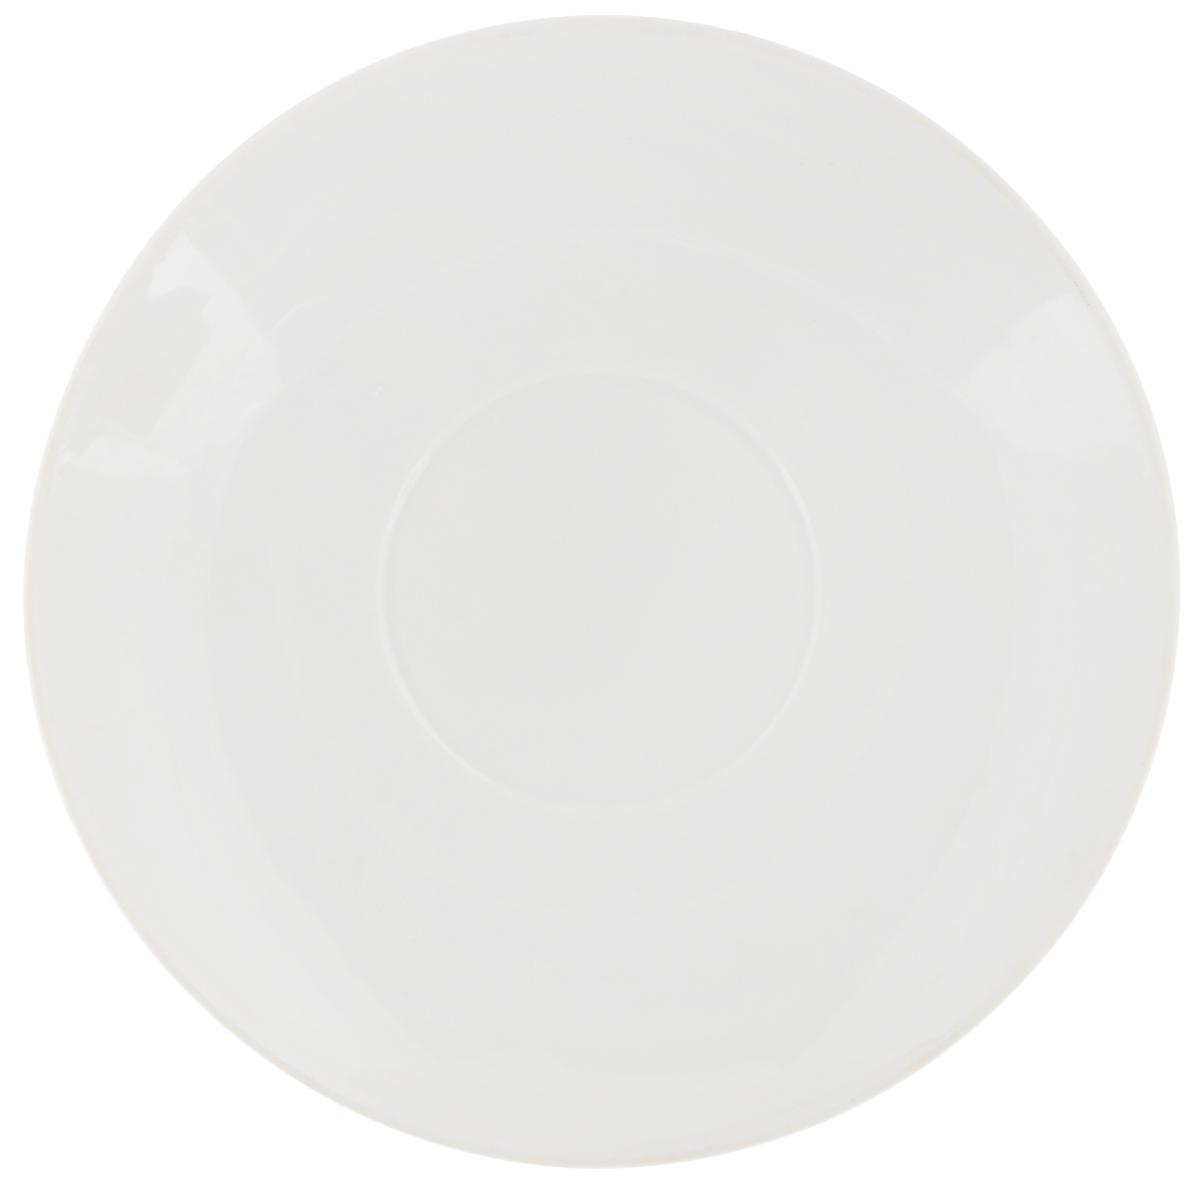 Блюдце Фарфор Вербилок, цвет: белый, диаметр 11 см калинов лимонад сказочный ключик 12 шт по 0 5 л